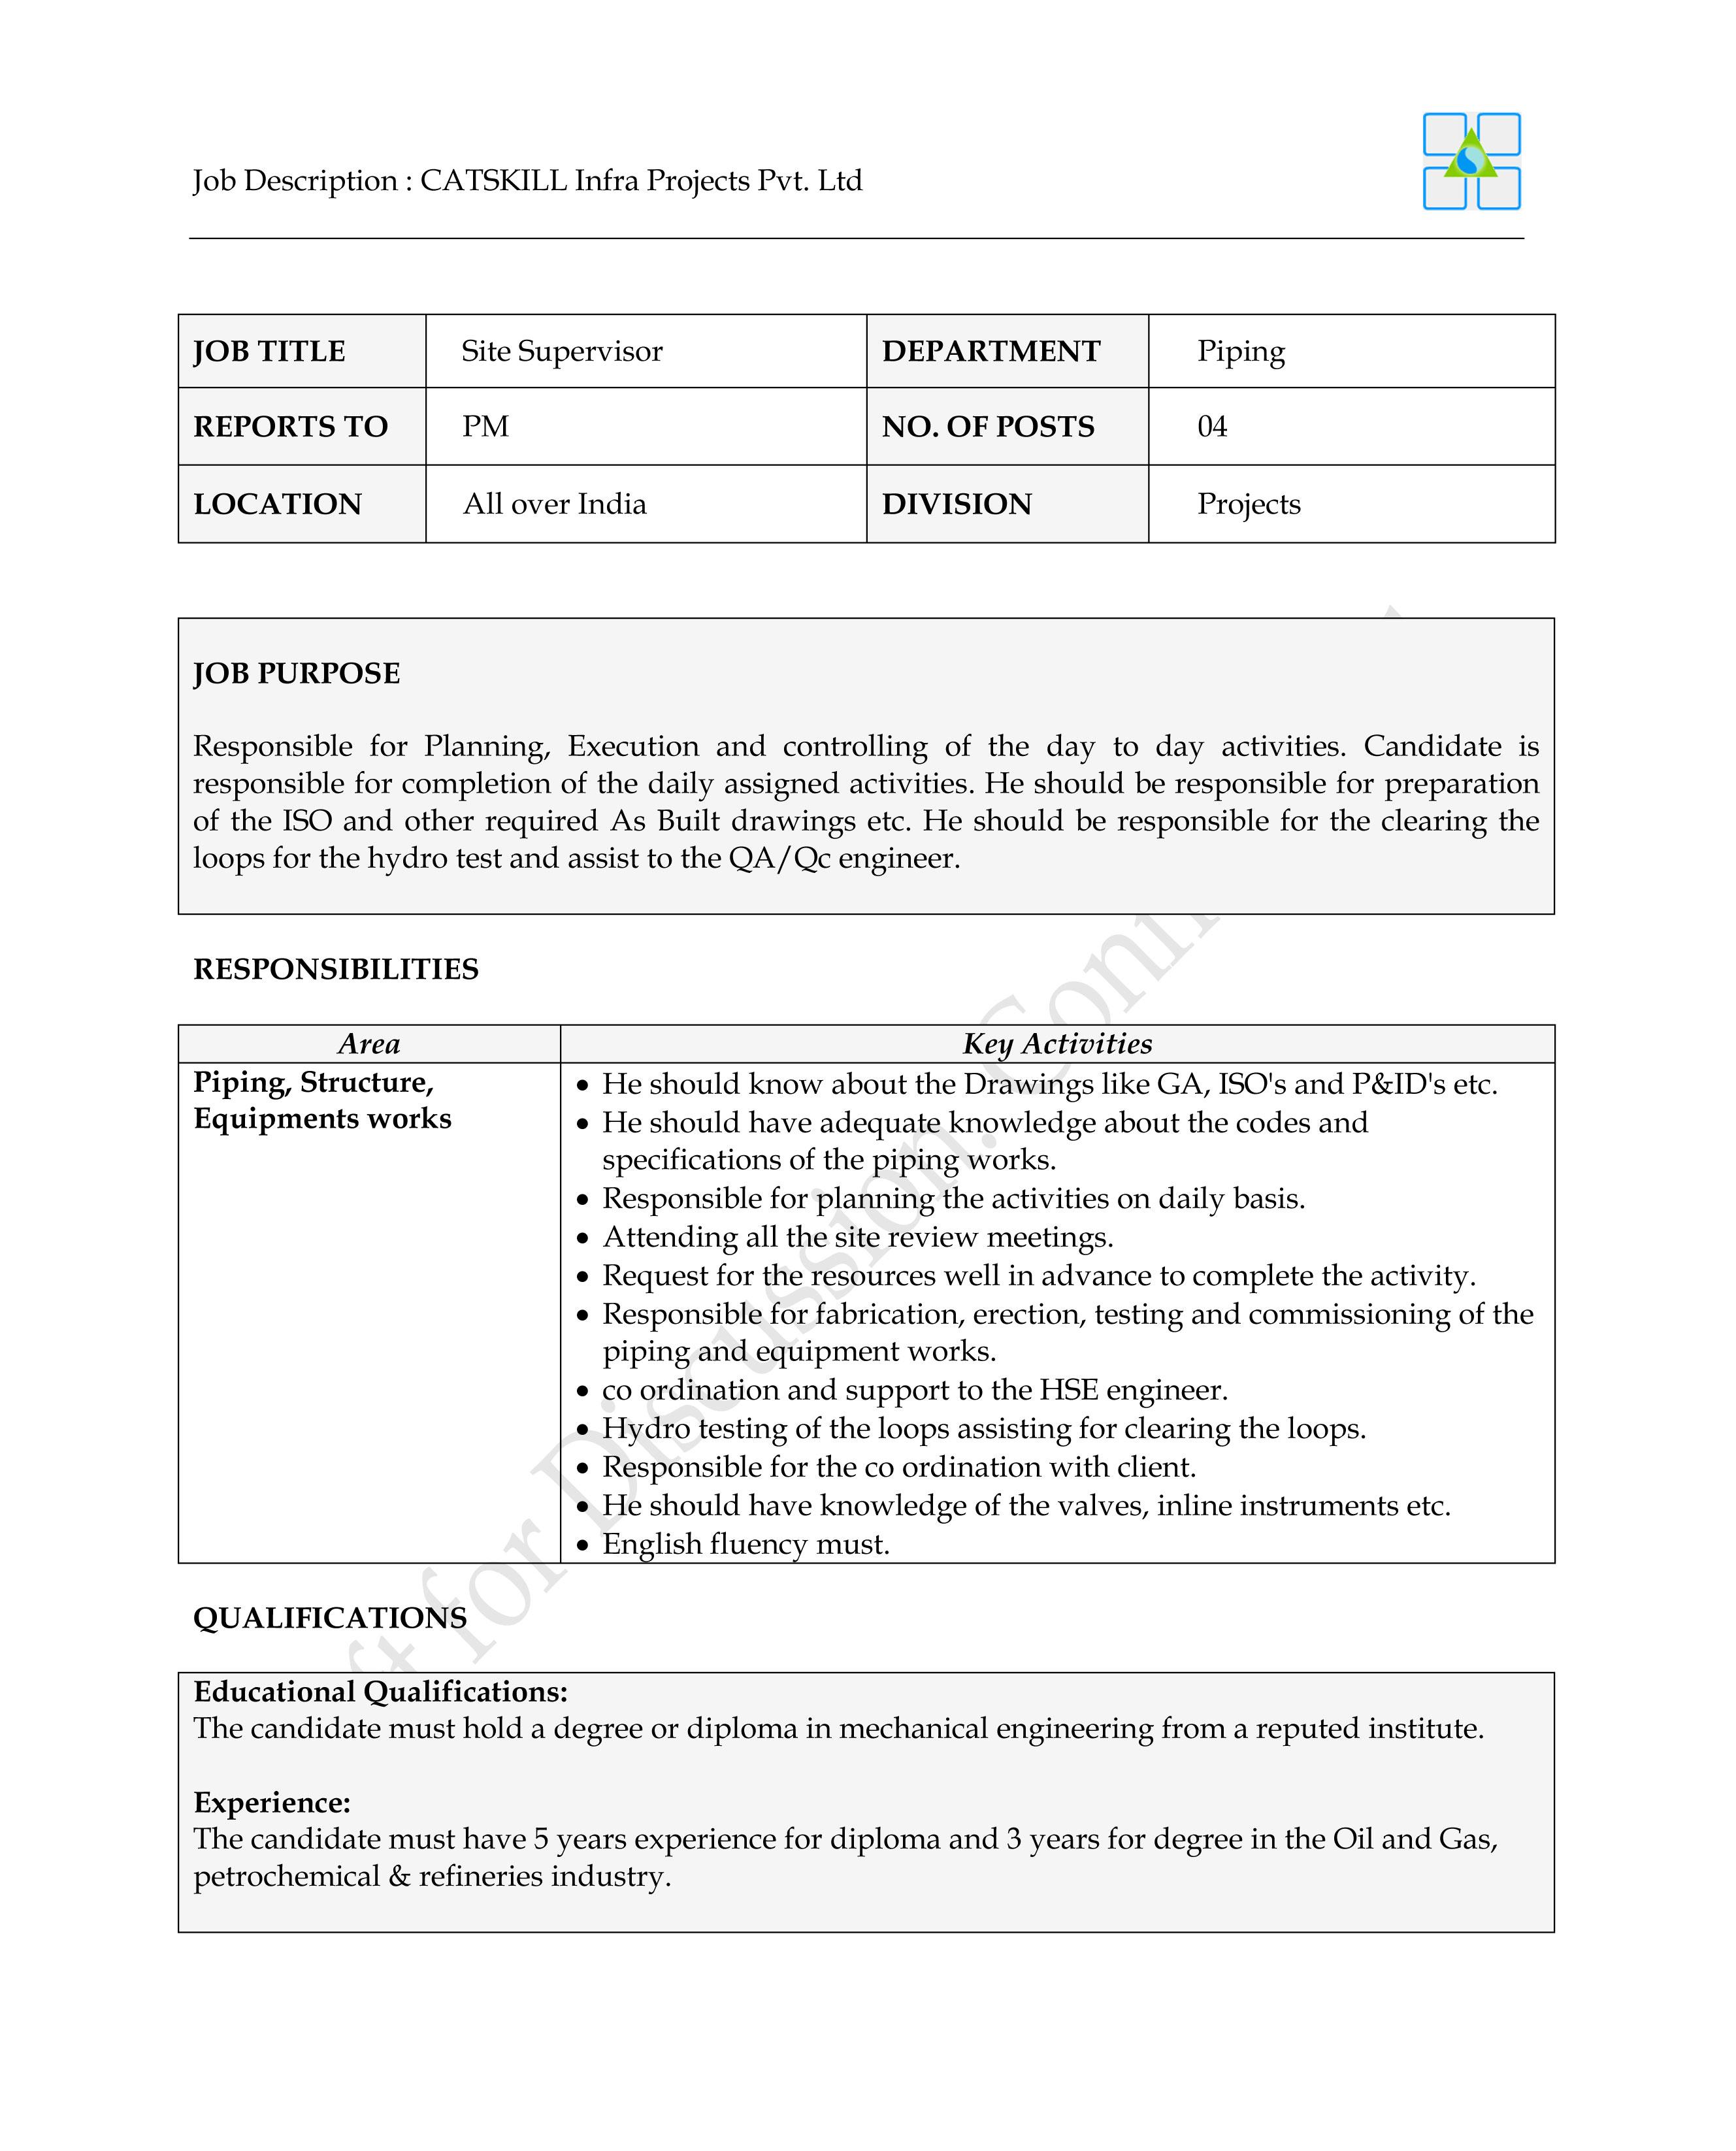 CATSKILL Infra Projects Pvt Ltd